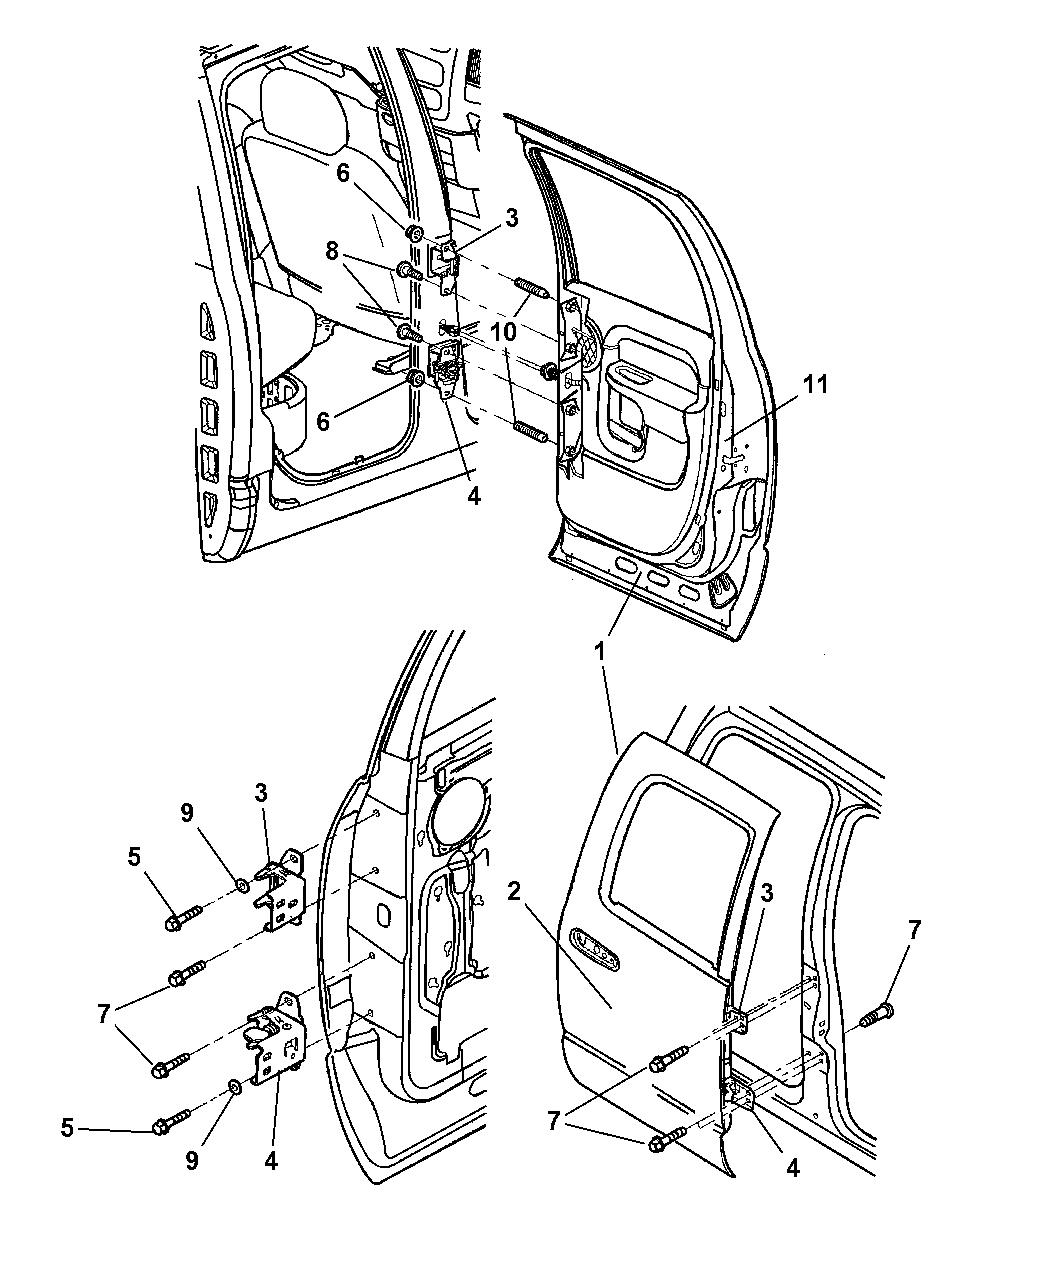 2003 Dodge Ram 1500 Parts Diagram